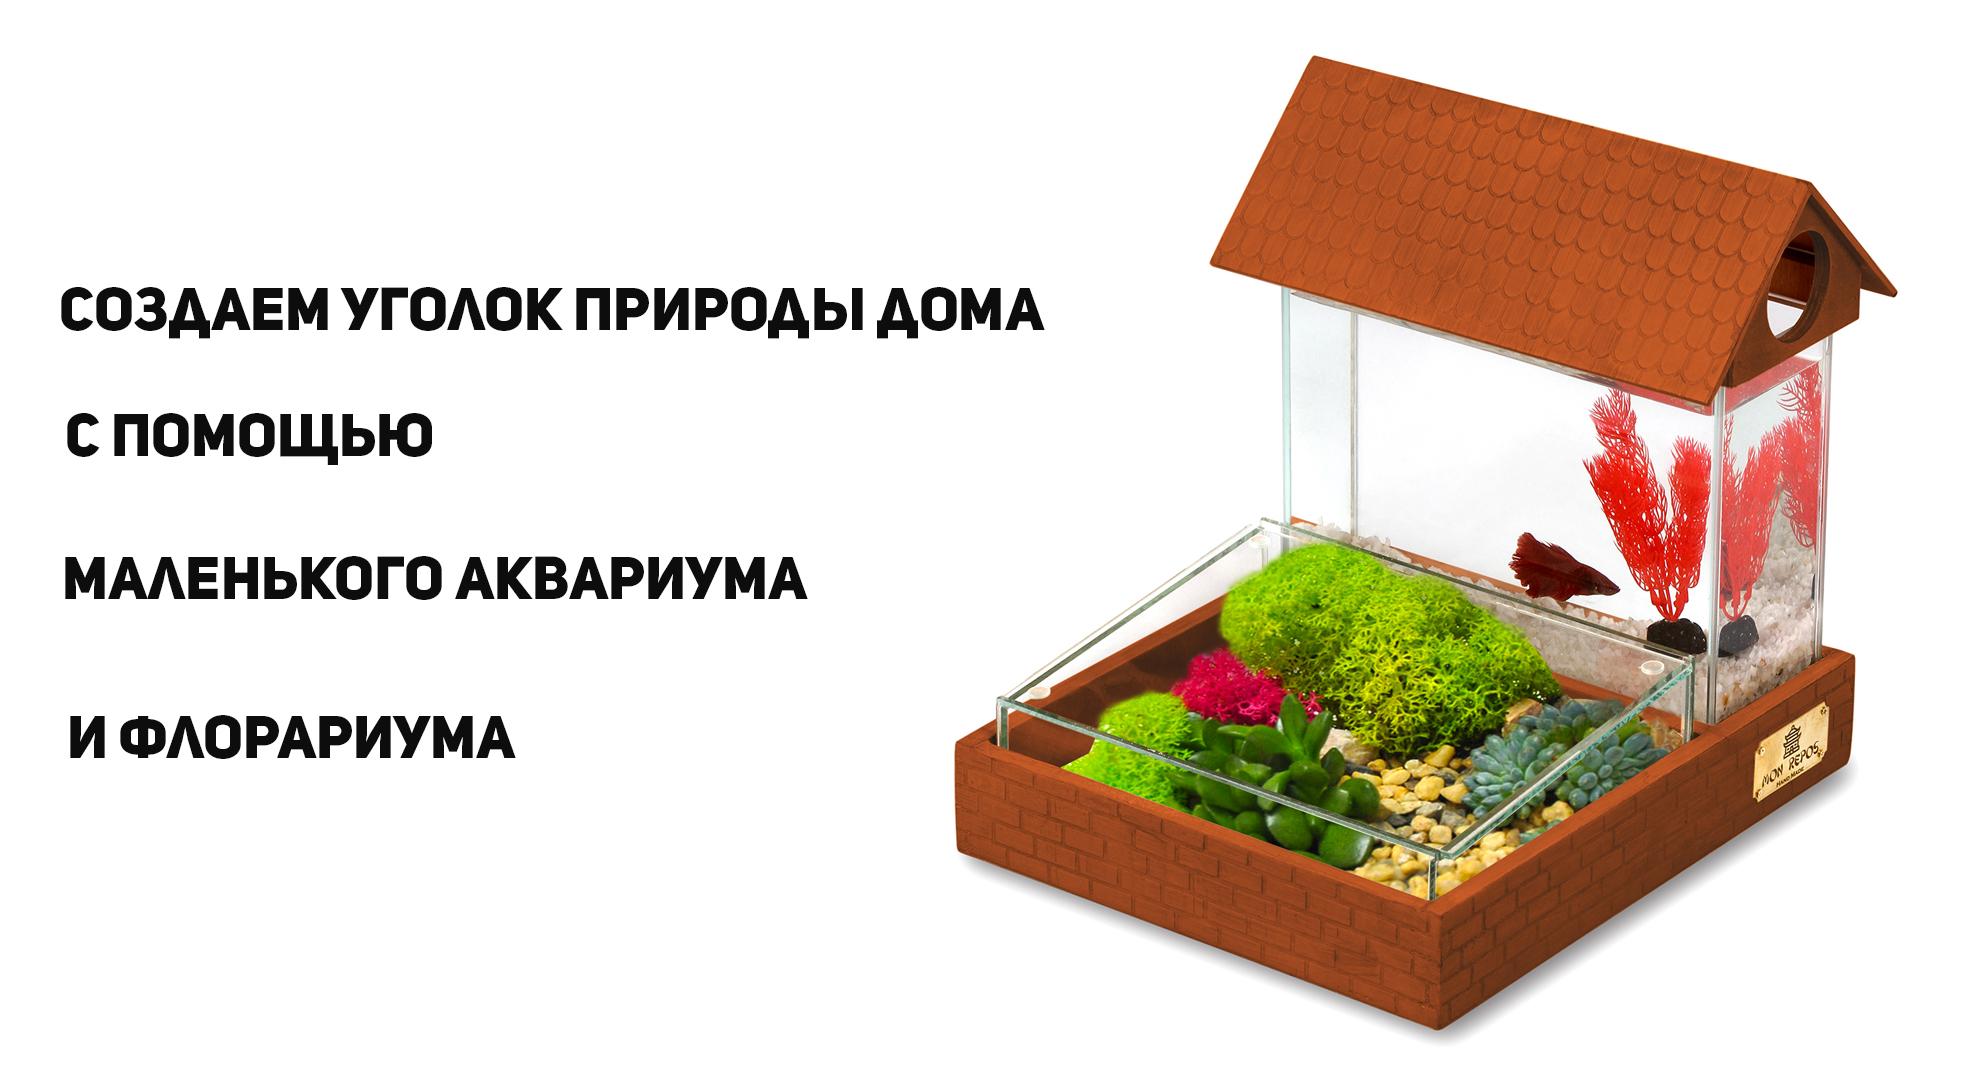 Создаем уголок природы дома с помощью маленького аквариума и флорариума